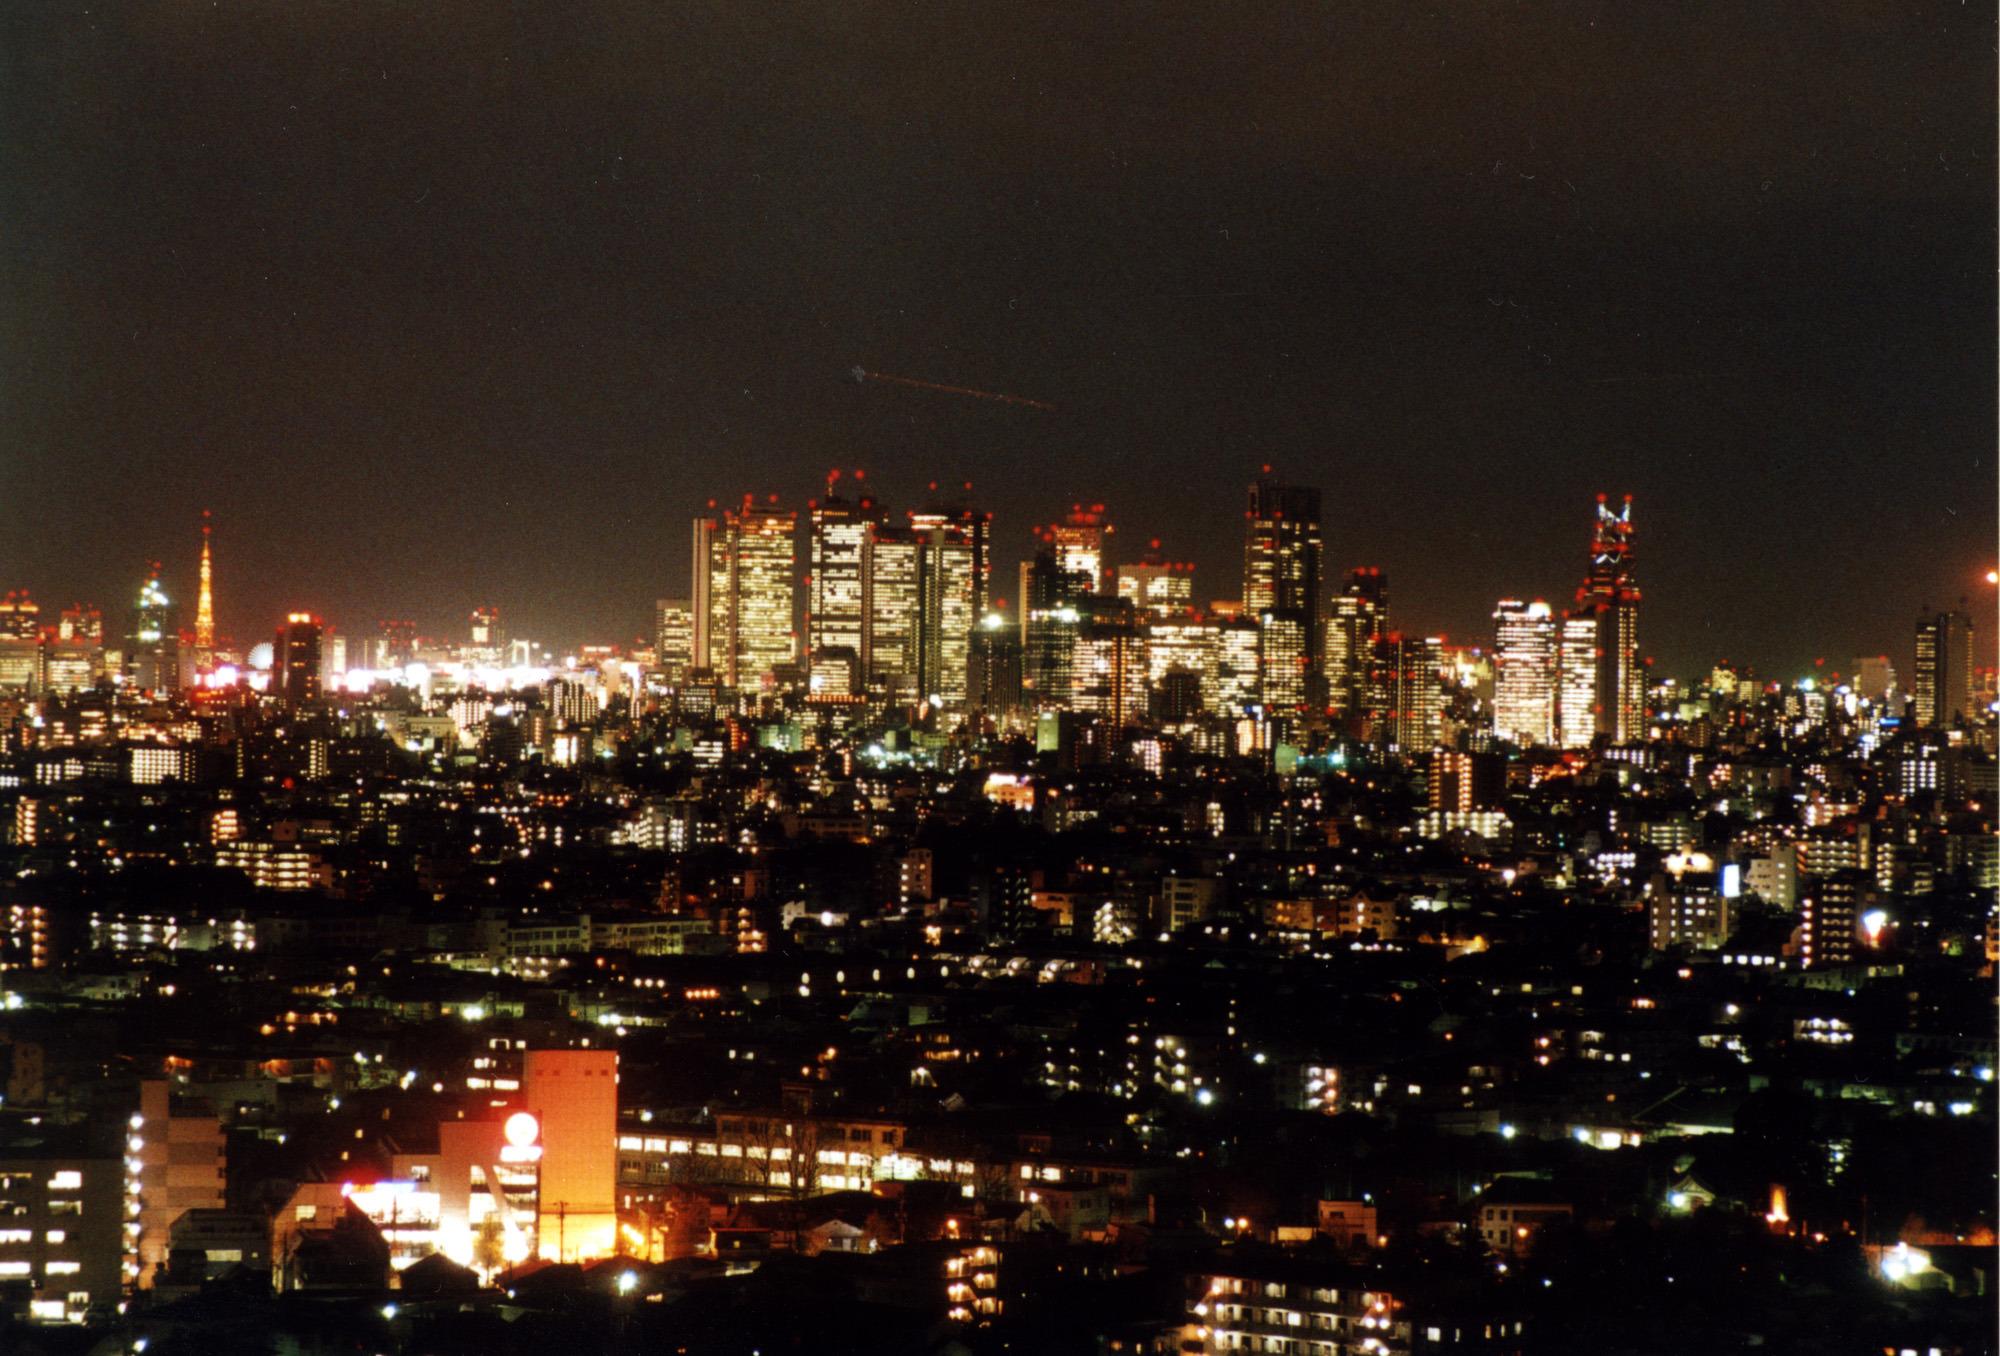 展望ロビーから南東方向に、東京タワー、新宿副都心を望む